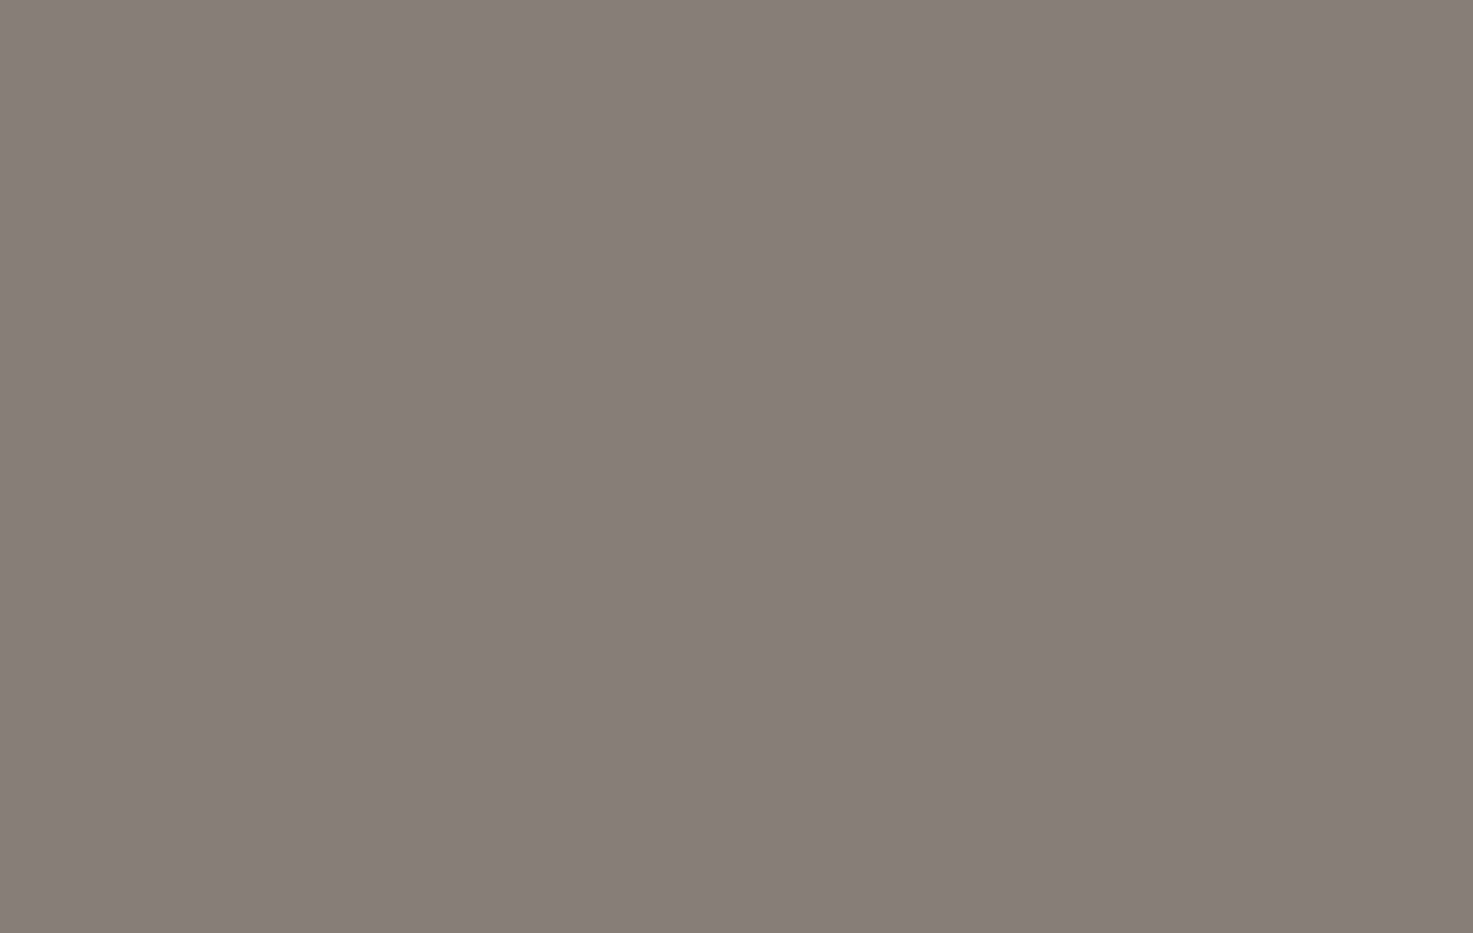 grigio 577